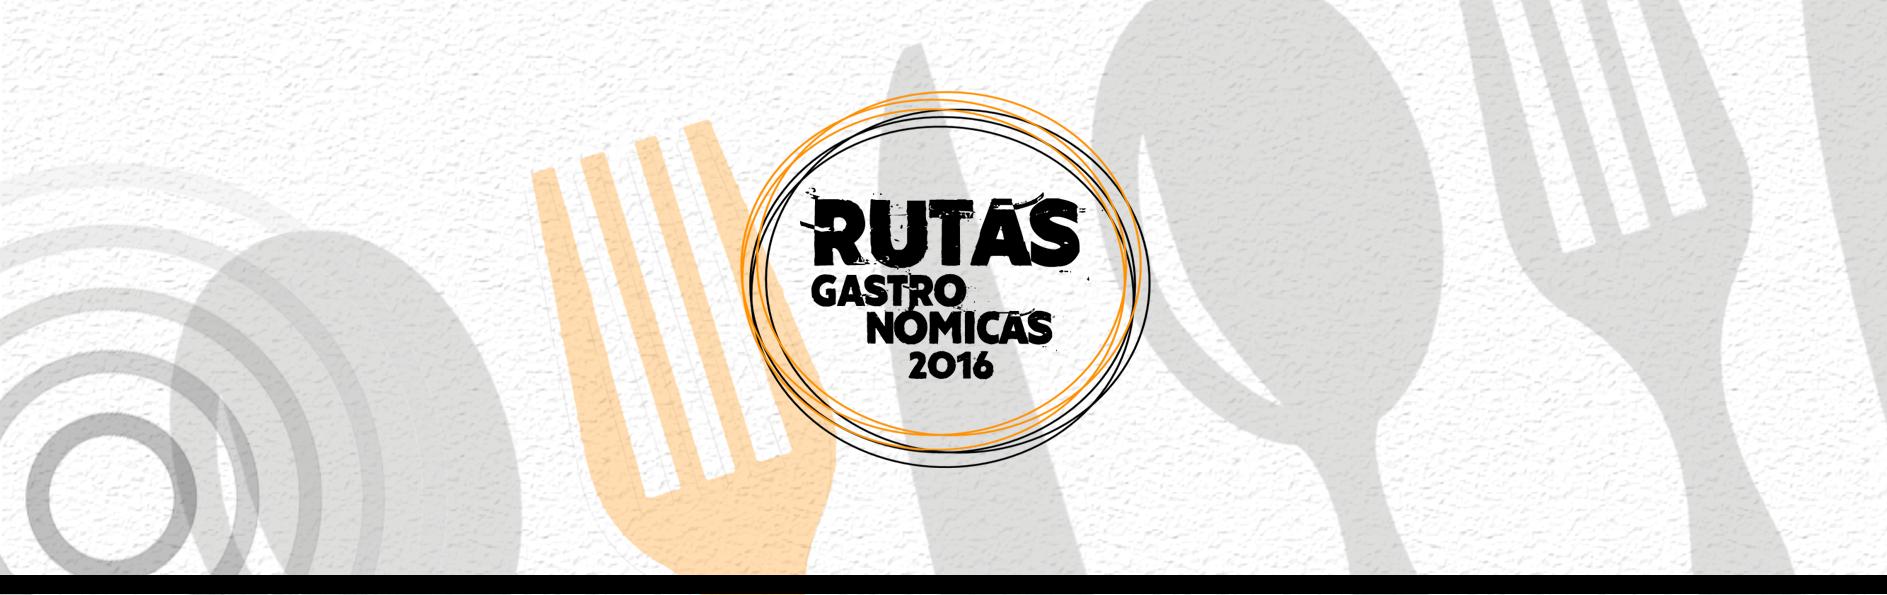 Rutas Gastronómicas 2016 | Panorama Eventos